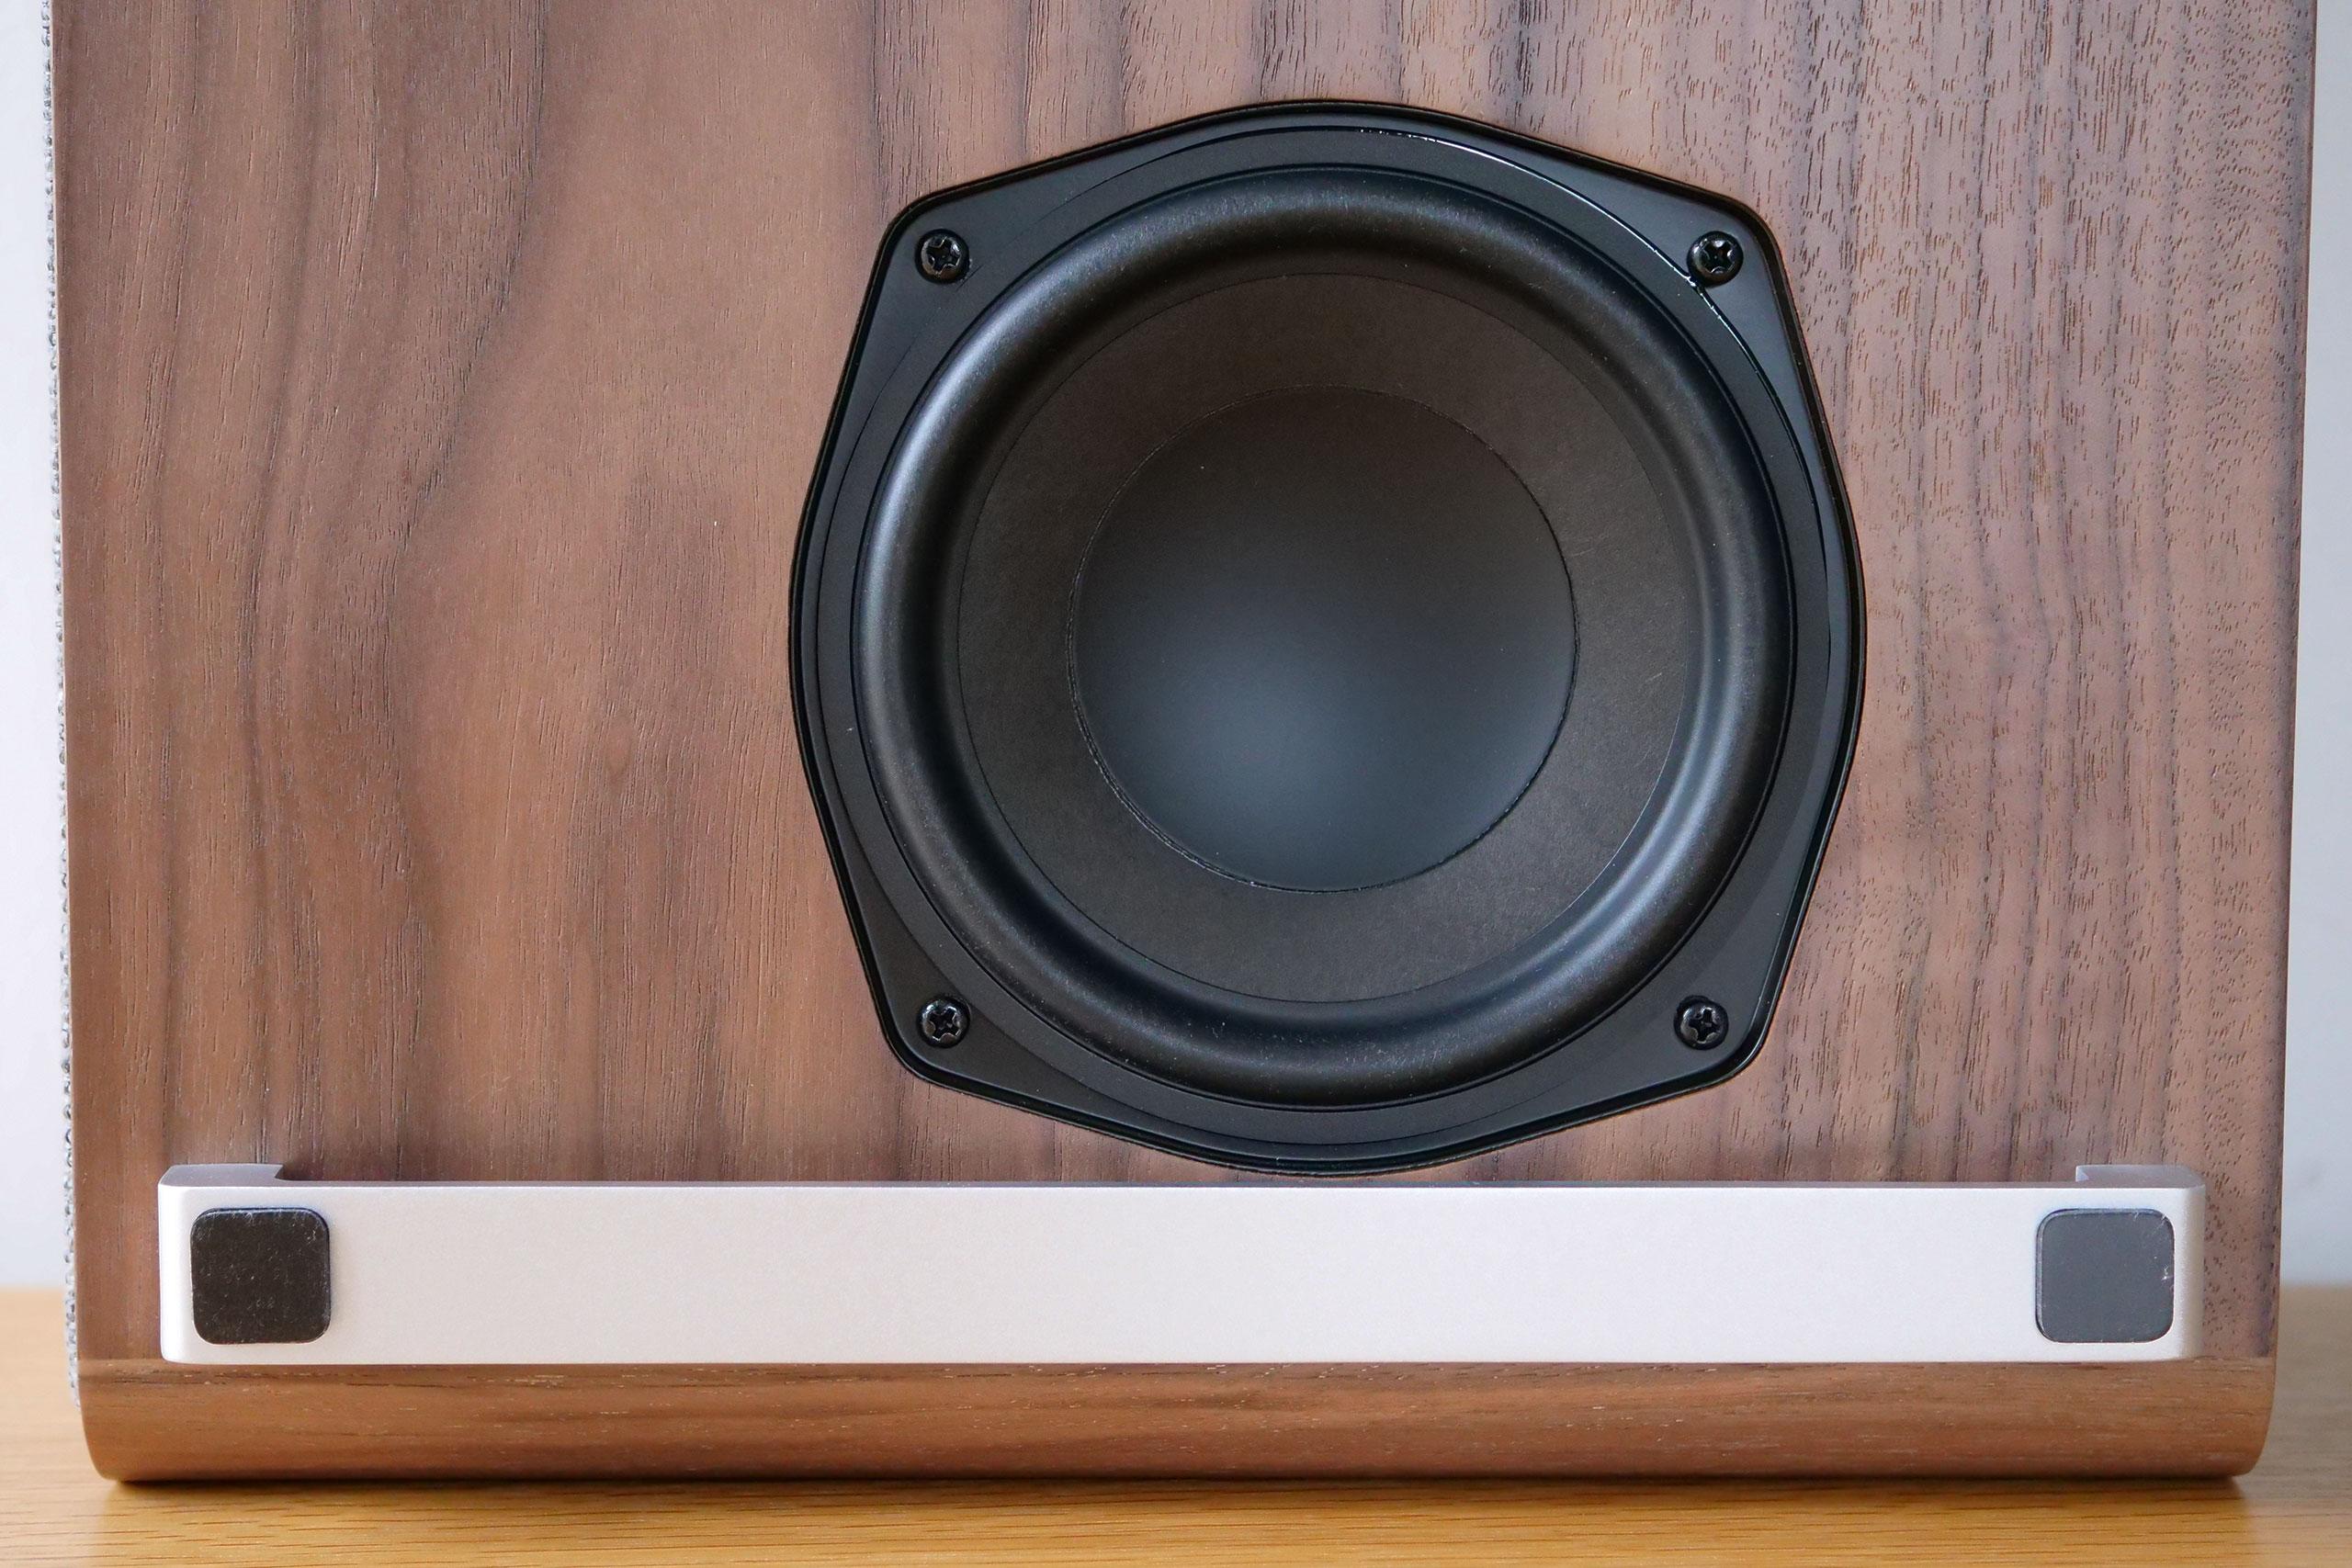 Le haut-parleur de grave est situé sous l'enceinte. Il est donc invisible et inaccessible en temps normal.